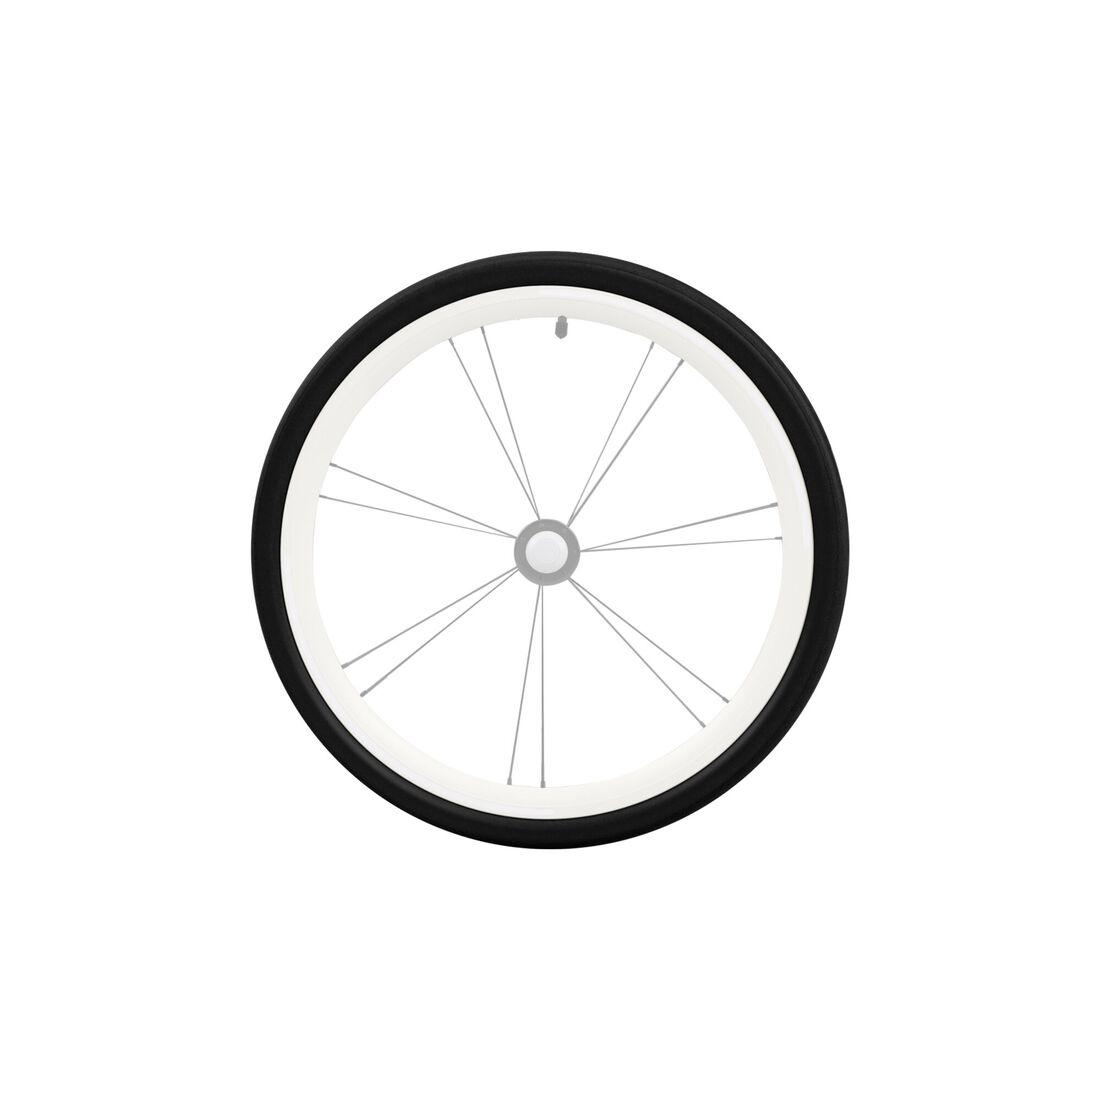 CYBEX Zeno/Avi Hinterradreifen und Schlauch - Black in Black large Bild 1